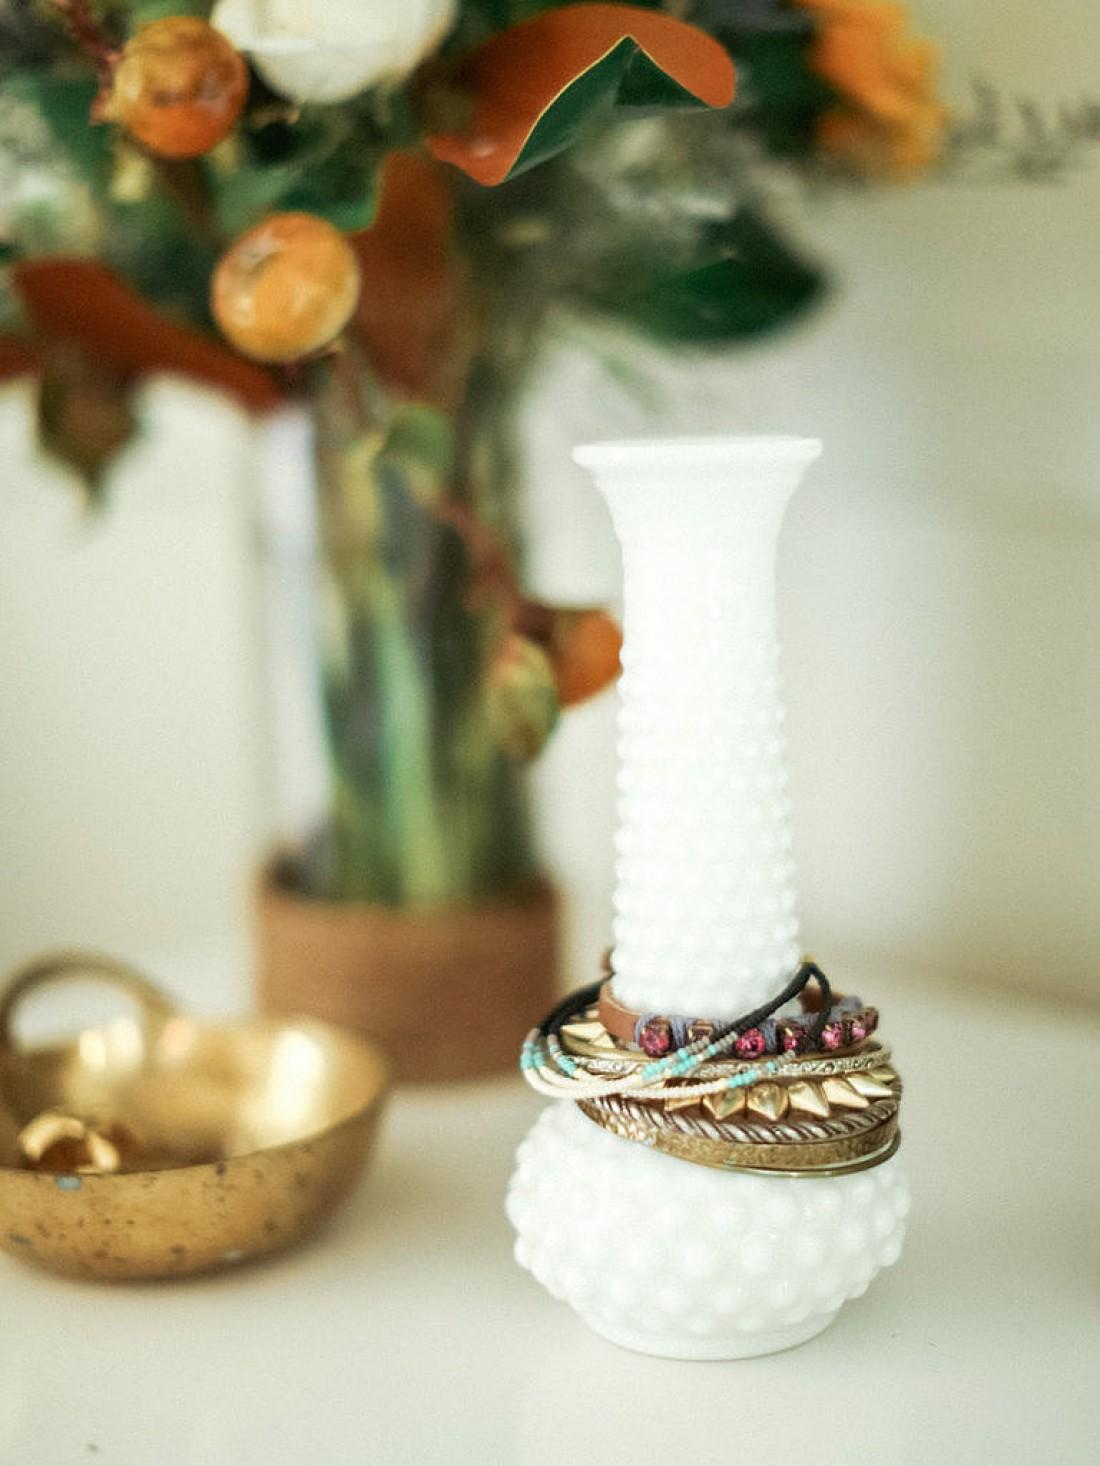 Браслеты на горлышке вазы